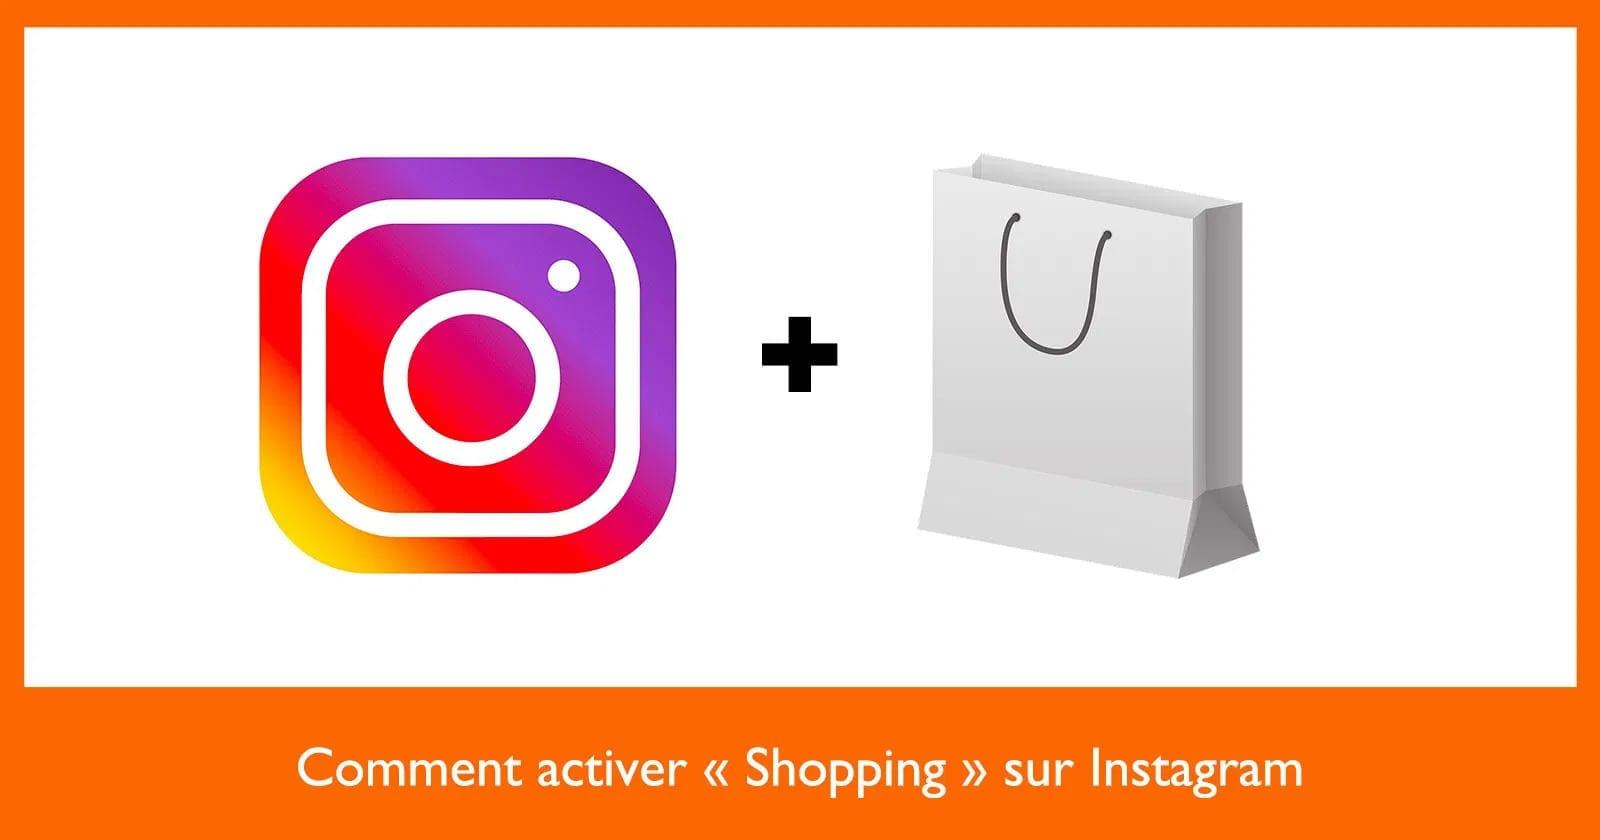 Comment activer « Shopping » sur Instagram aujourd'hui